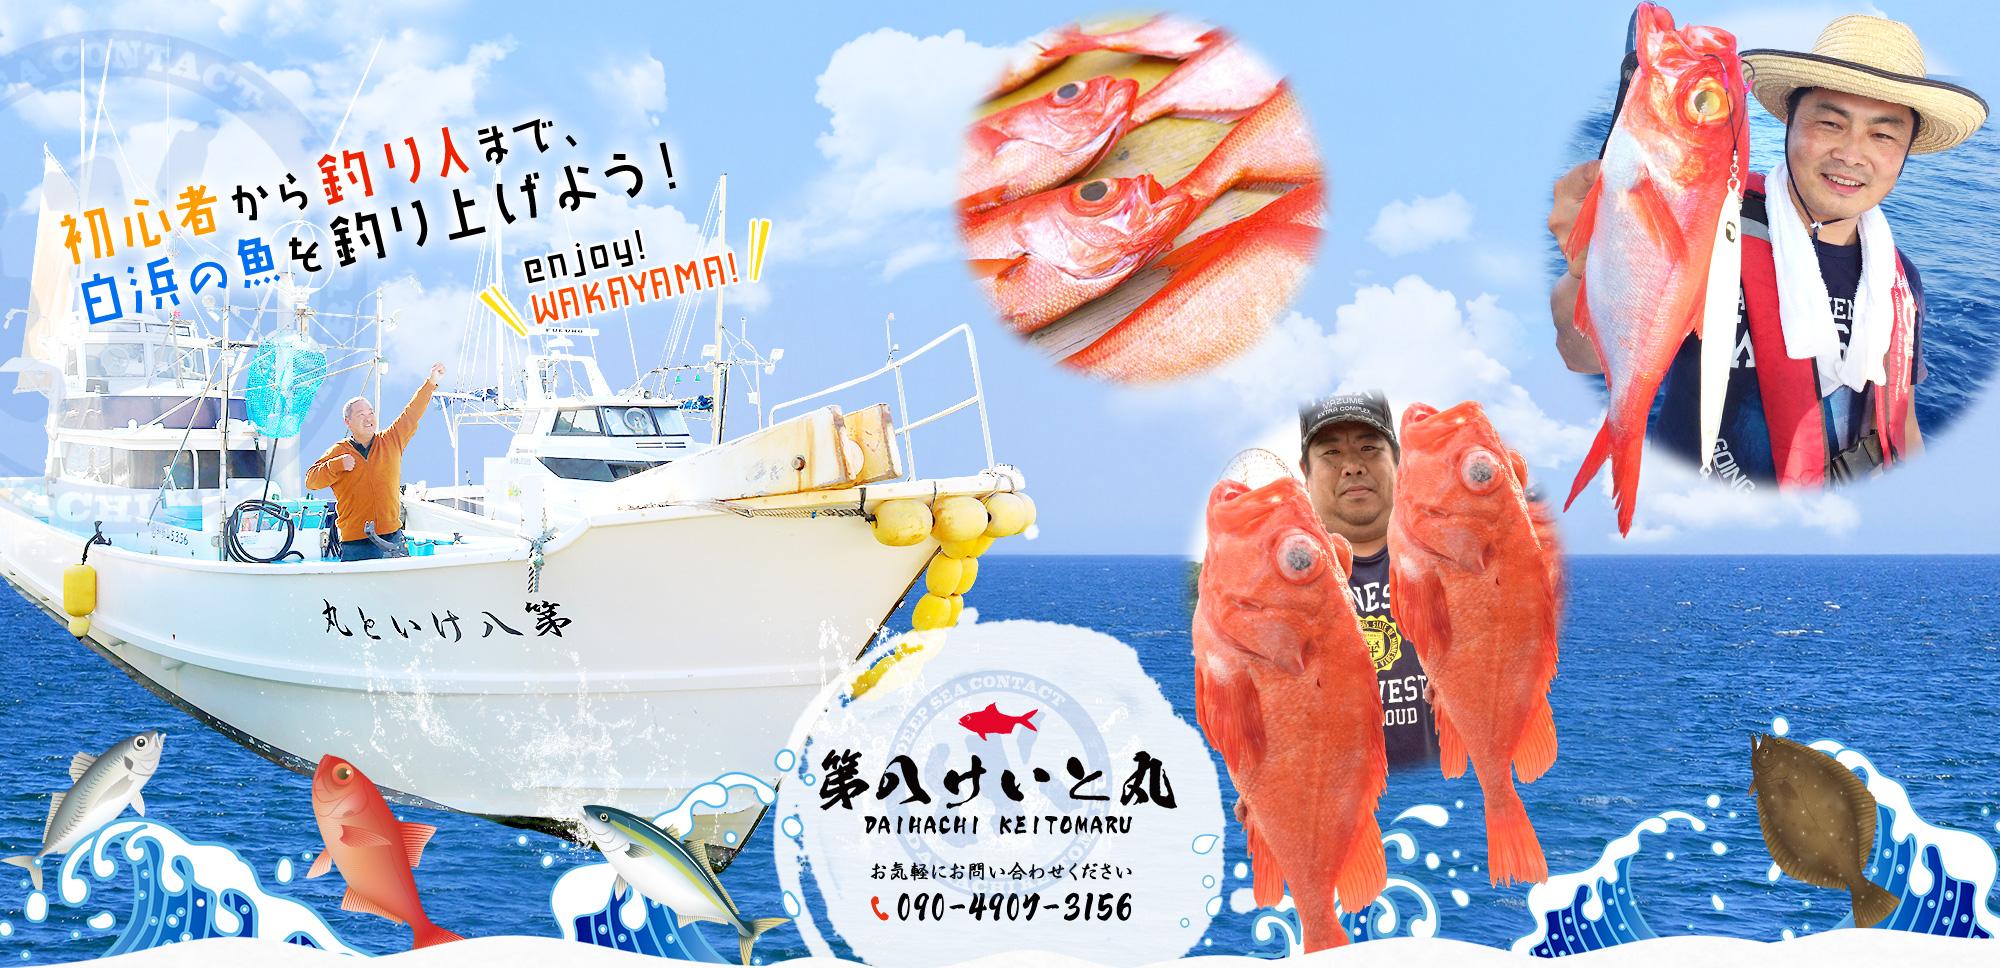 初心者から釣り人まで、白浜の魚を釣り上げよう!